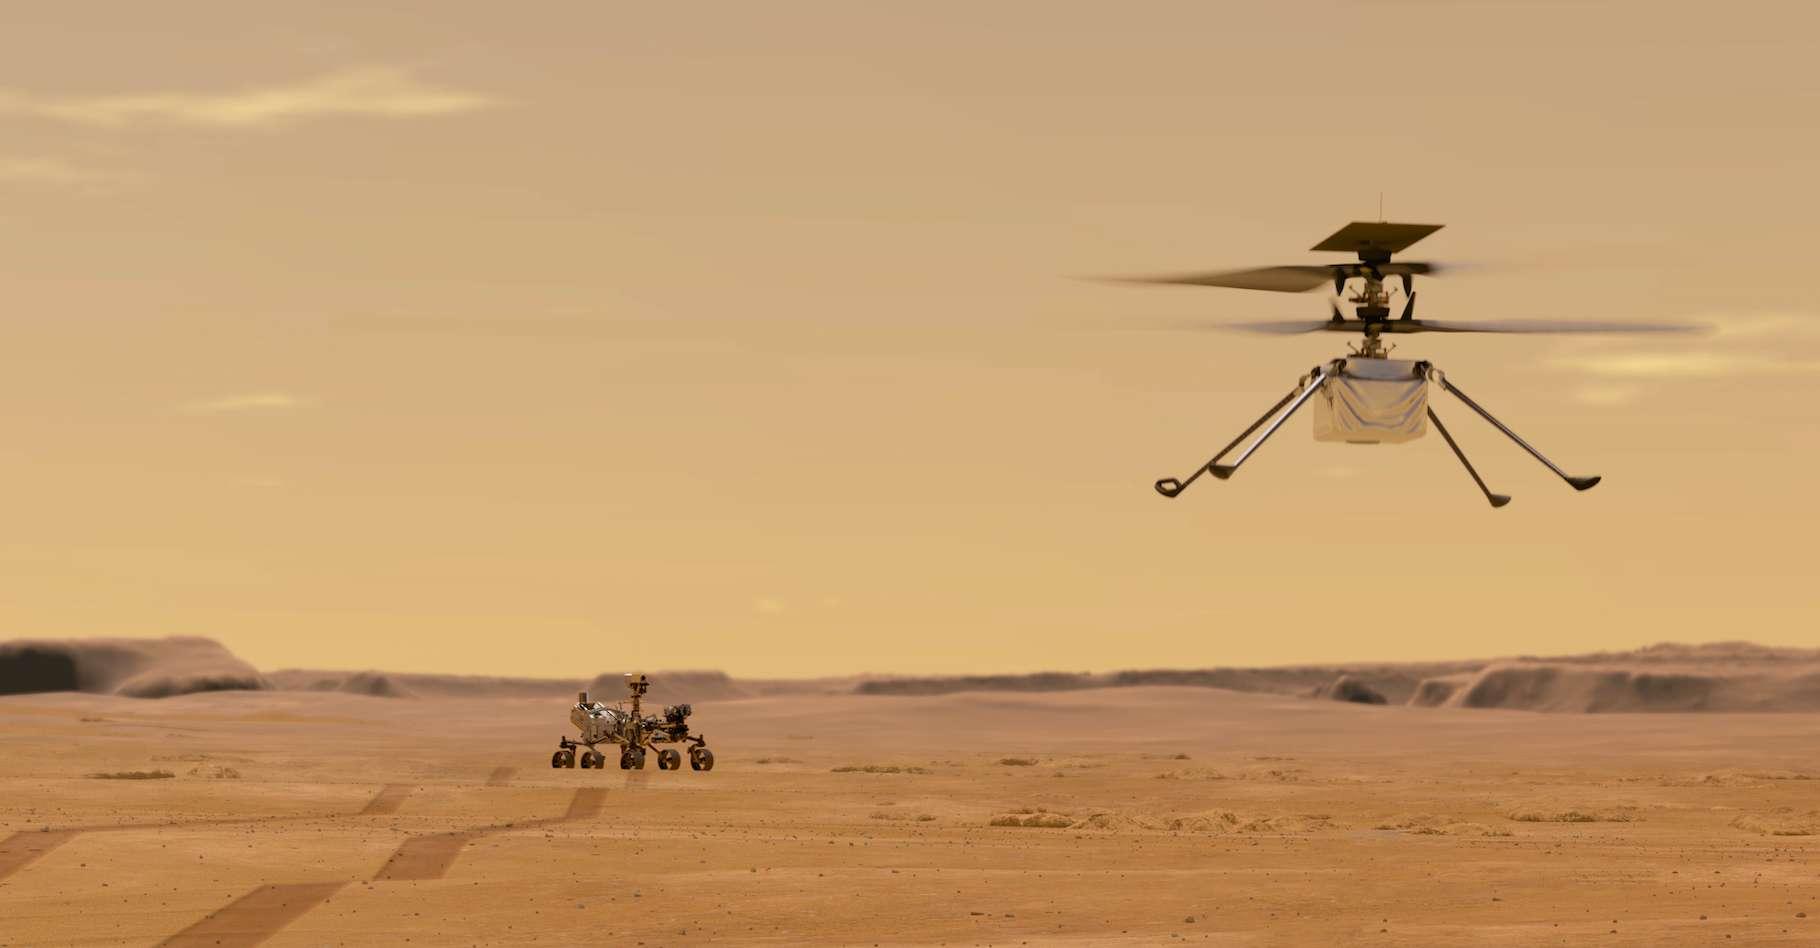 Ingenuity, l'hélicoptère martien — ici en vue d'artiste — attend sur la Planète rouge, que vienne l'heure de son premier vol. © Nasa, JPL-Caltech